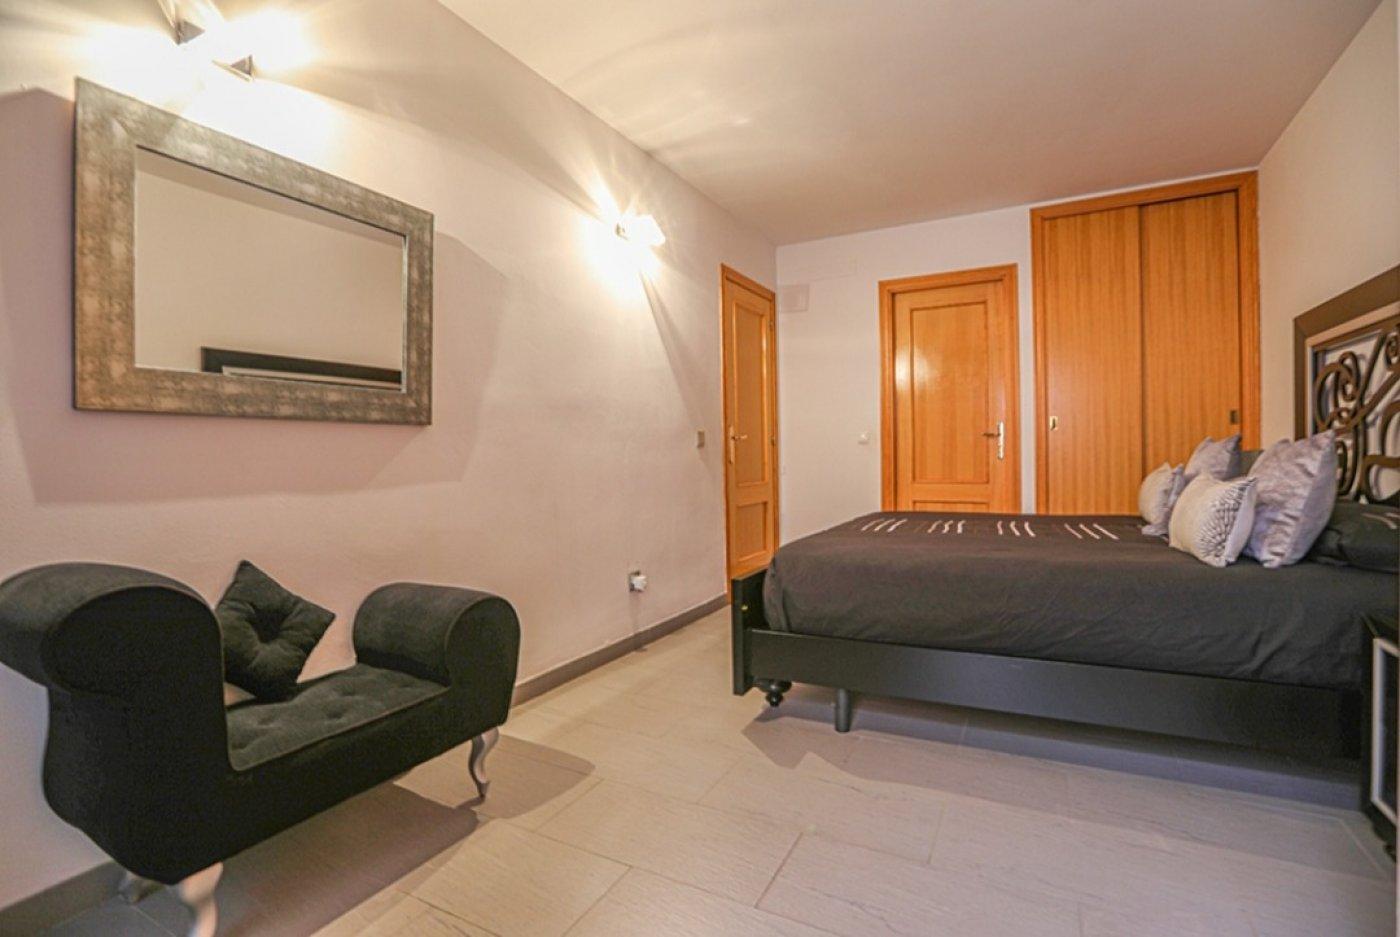 Se vende bonito apartamento semi nuevo con parking en andratx - imagenInmueble10